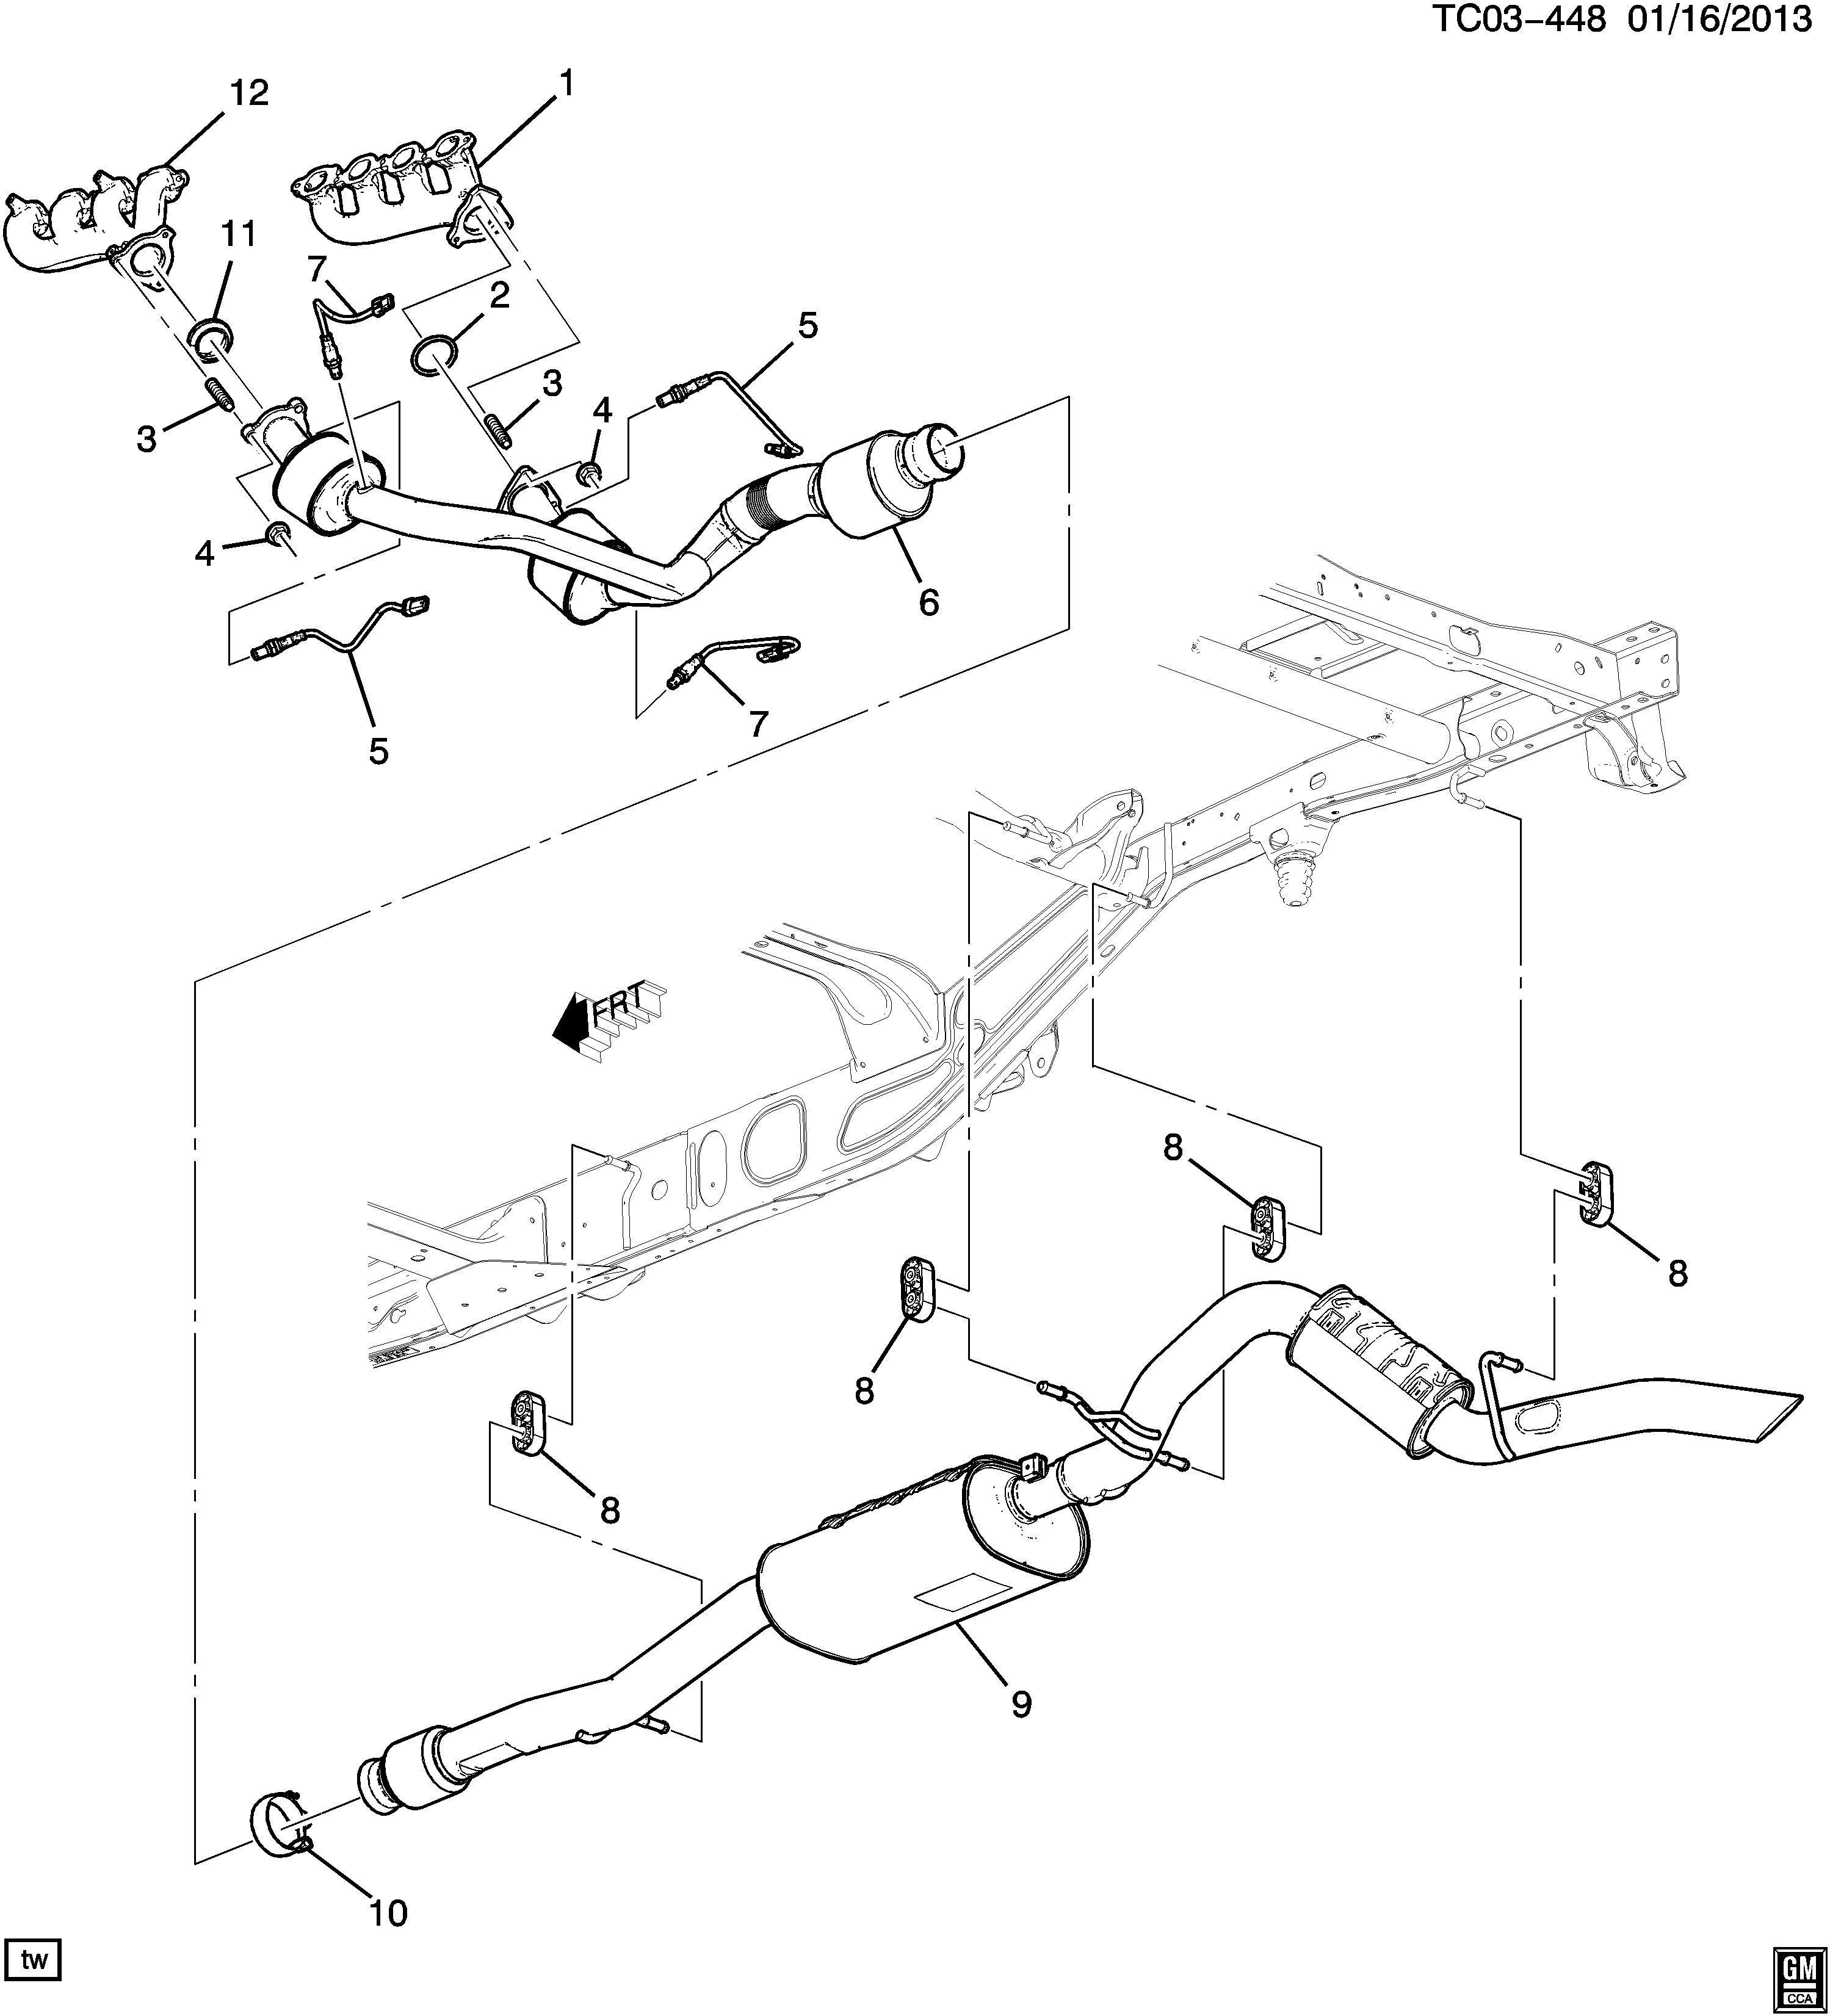 130116TC03-448  Liter Gm Engine Diagram on gm 3800 supercharger diagram, gm 3800 engine diagram, 3.8 motor diagram, 3.8 serpentine belt diagram, gm engine parts diagram, gm 3.8l engine diagram, gm 2.4 timing marks diagram, gm 3.8 belt routing diagram, oldsmobile 3.8 engine diagram, chrysler 3.8 engine diagram, 3.8 buick engine diagram, 2003 impala exhaust system diagram, 3 liter mercruiser engine diagram, 2004 chevy impala coolant diagram, gm parts search diagram, 3.8 liter gm engine gasket set, chevy impala 3.8 belt diagram, 2003 impala 3.8 engine diagram, 4.3 liter engine diagram, buick v6 oil pump diagram,